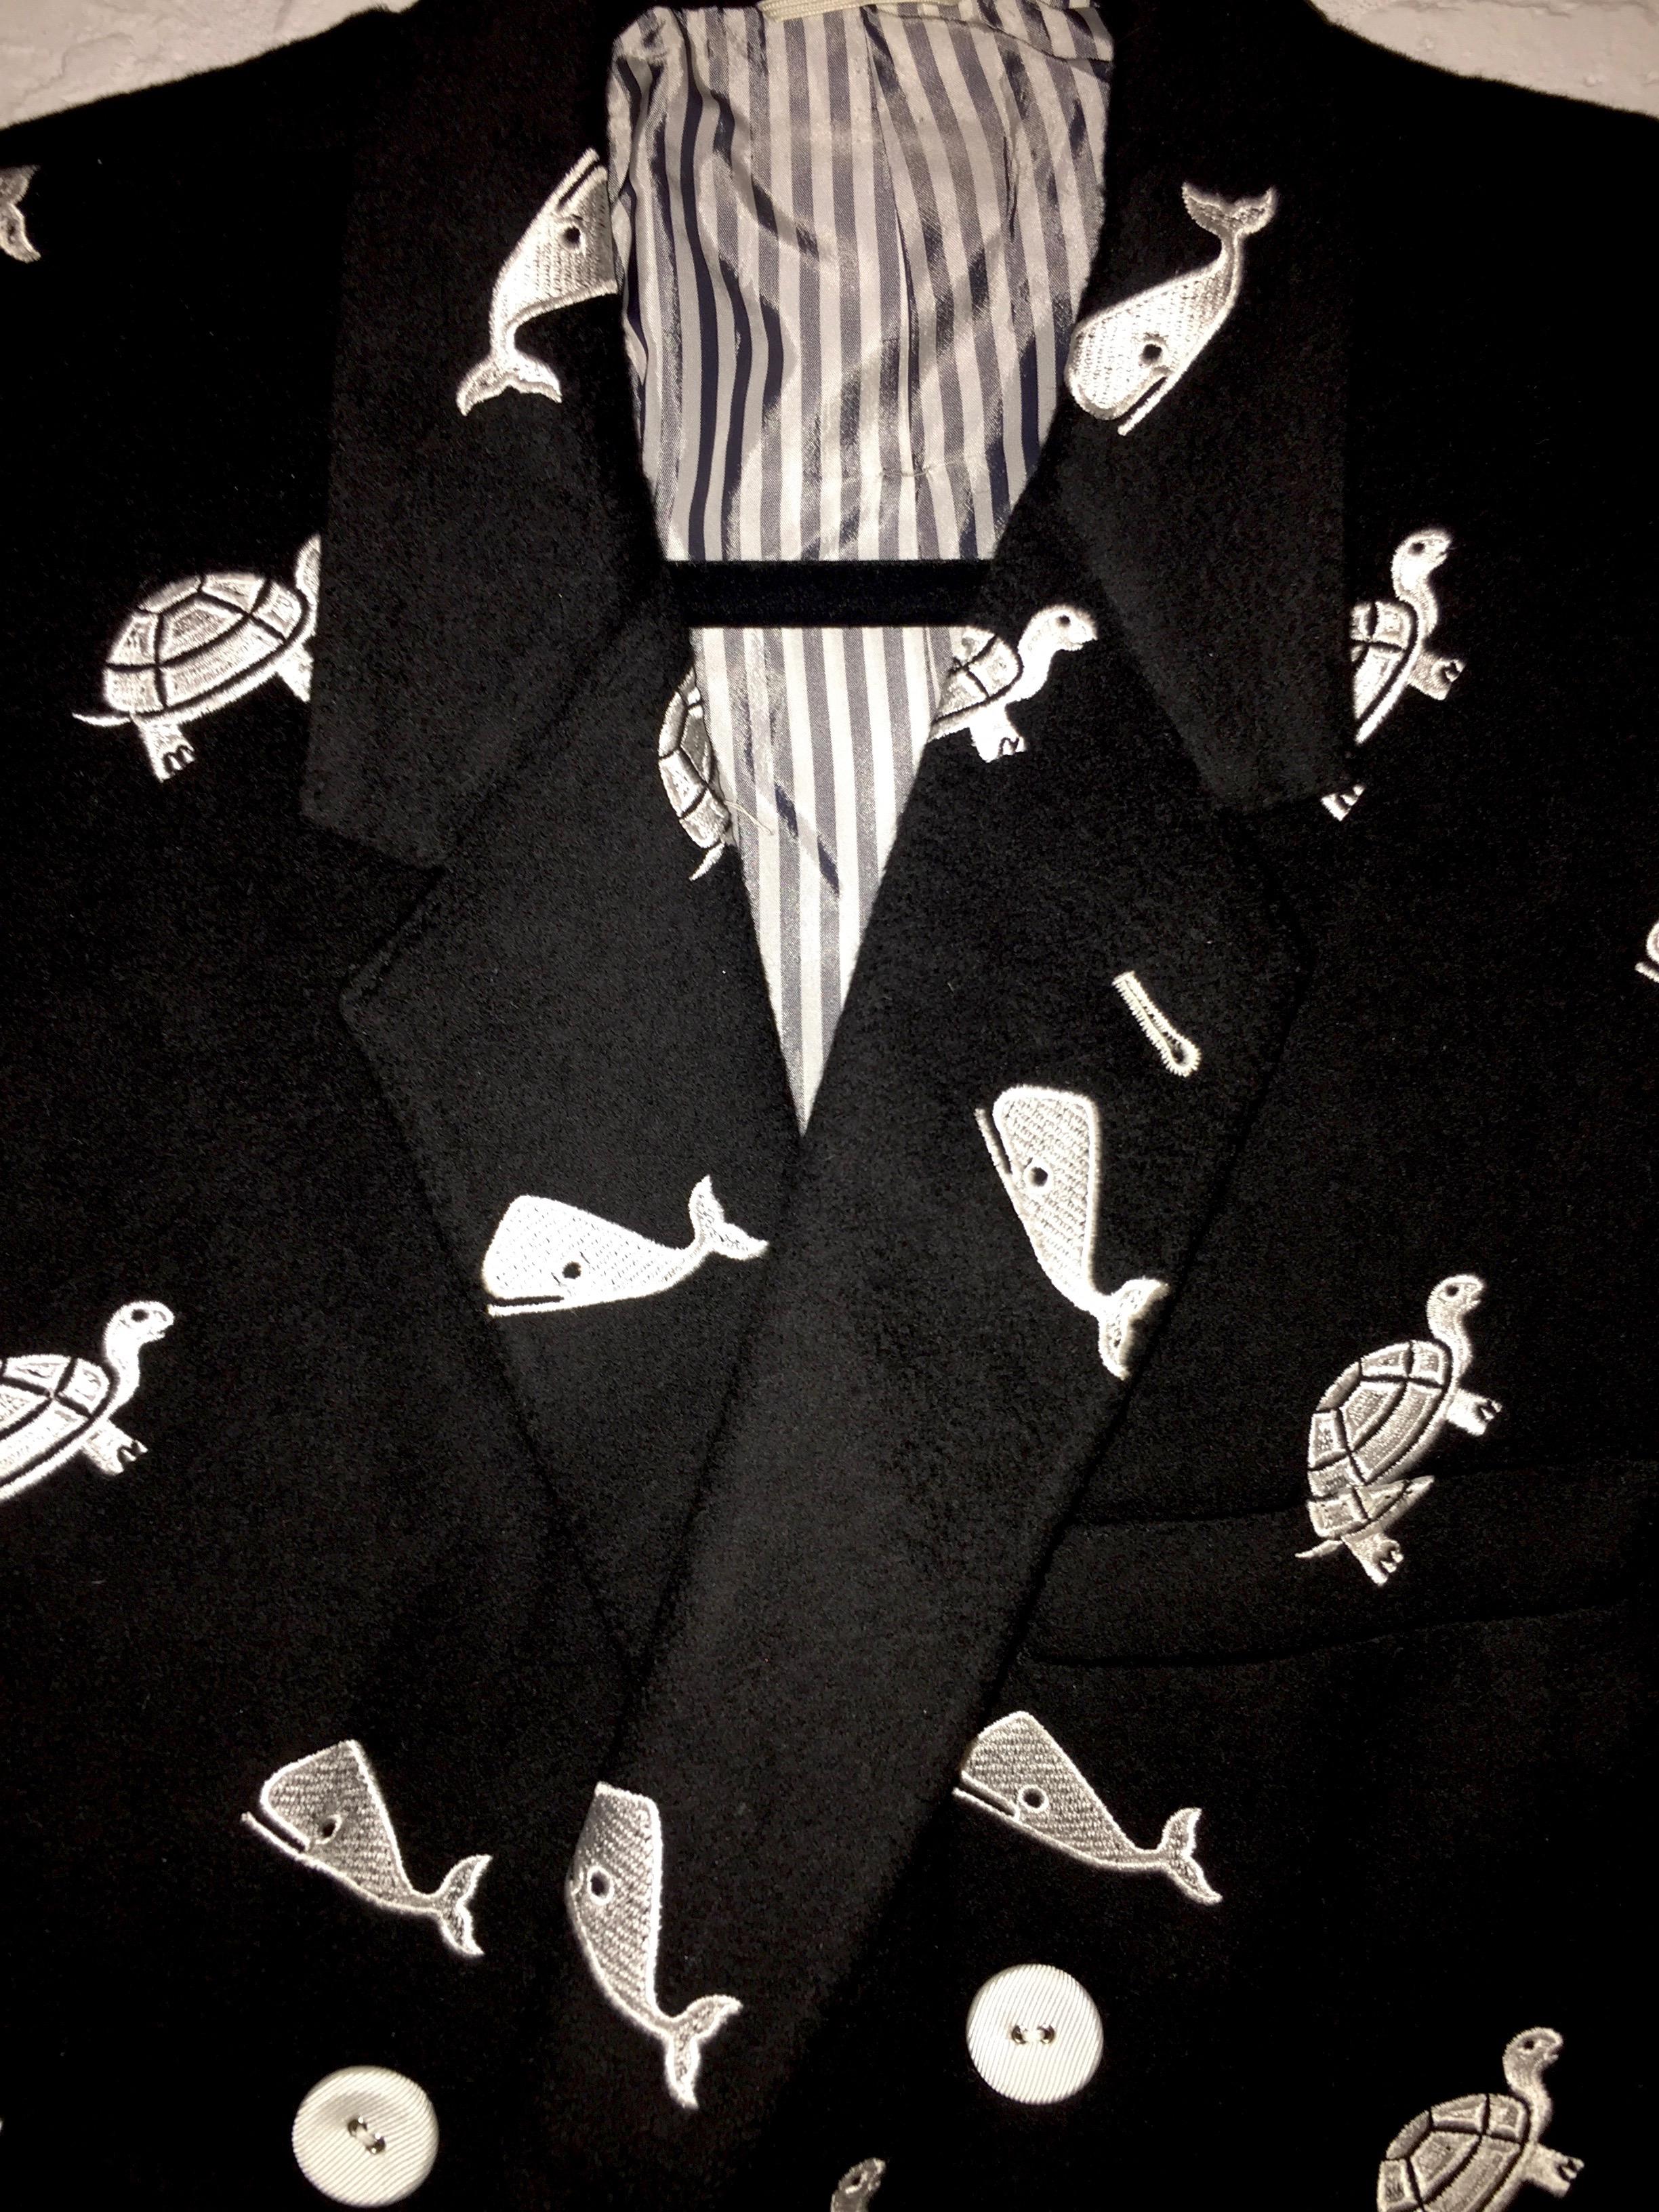 2373eaa0cd Thom Browne Xl - Thom Browne Custom Made Black Cashmere Whale And ...